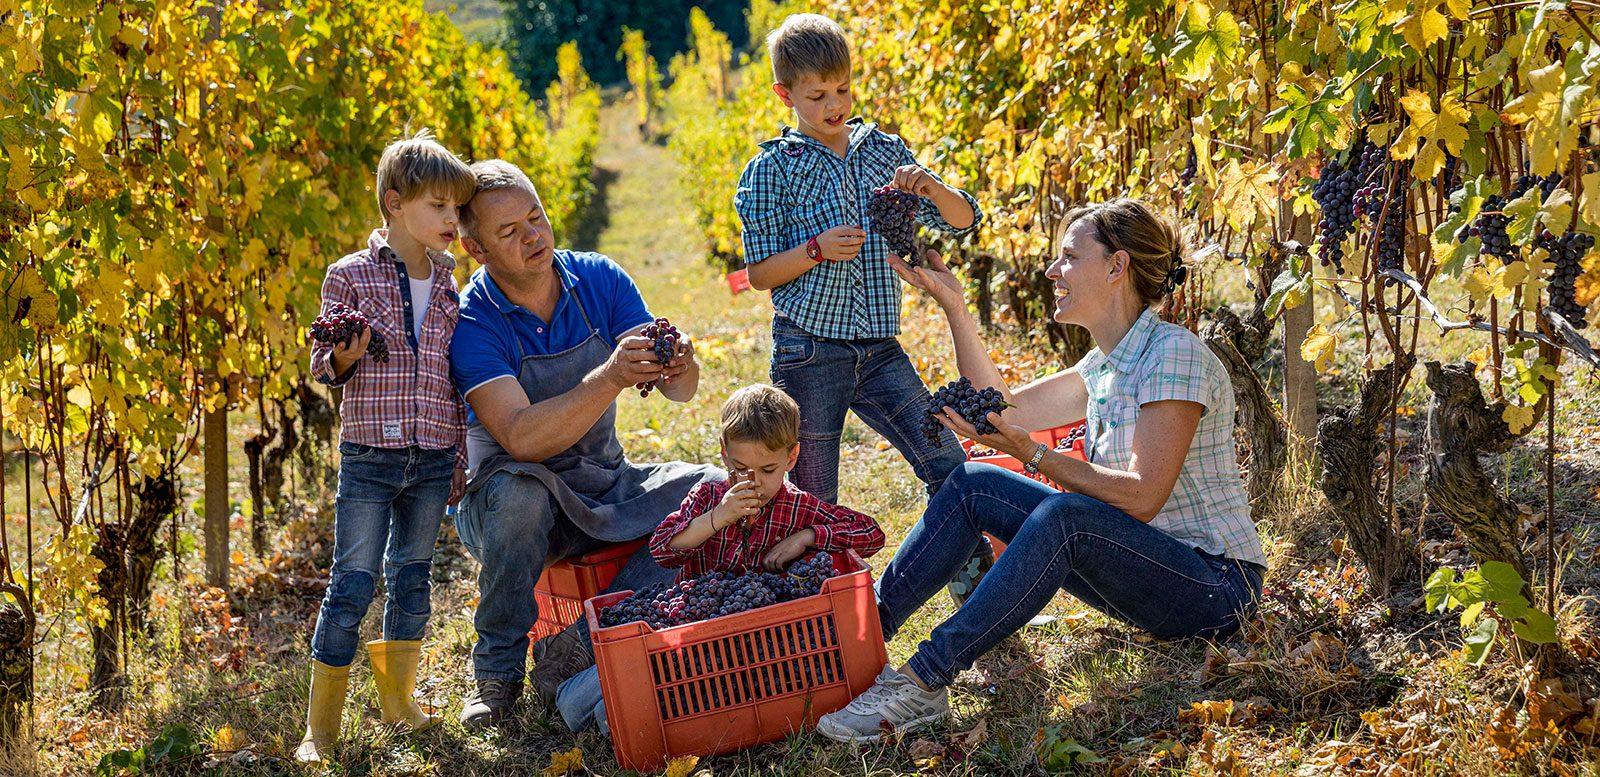 Ciabot Berton, La Morra - Una tradizione di famiglia